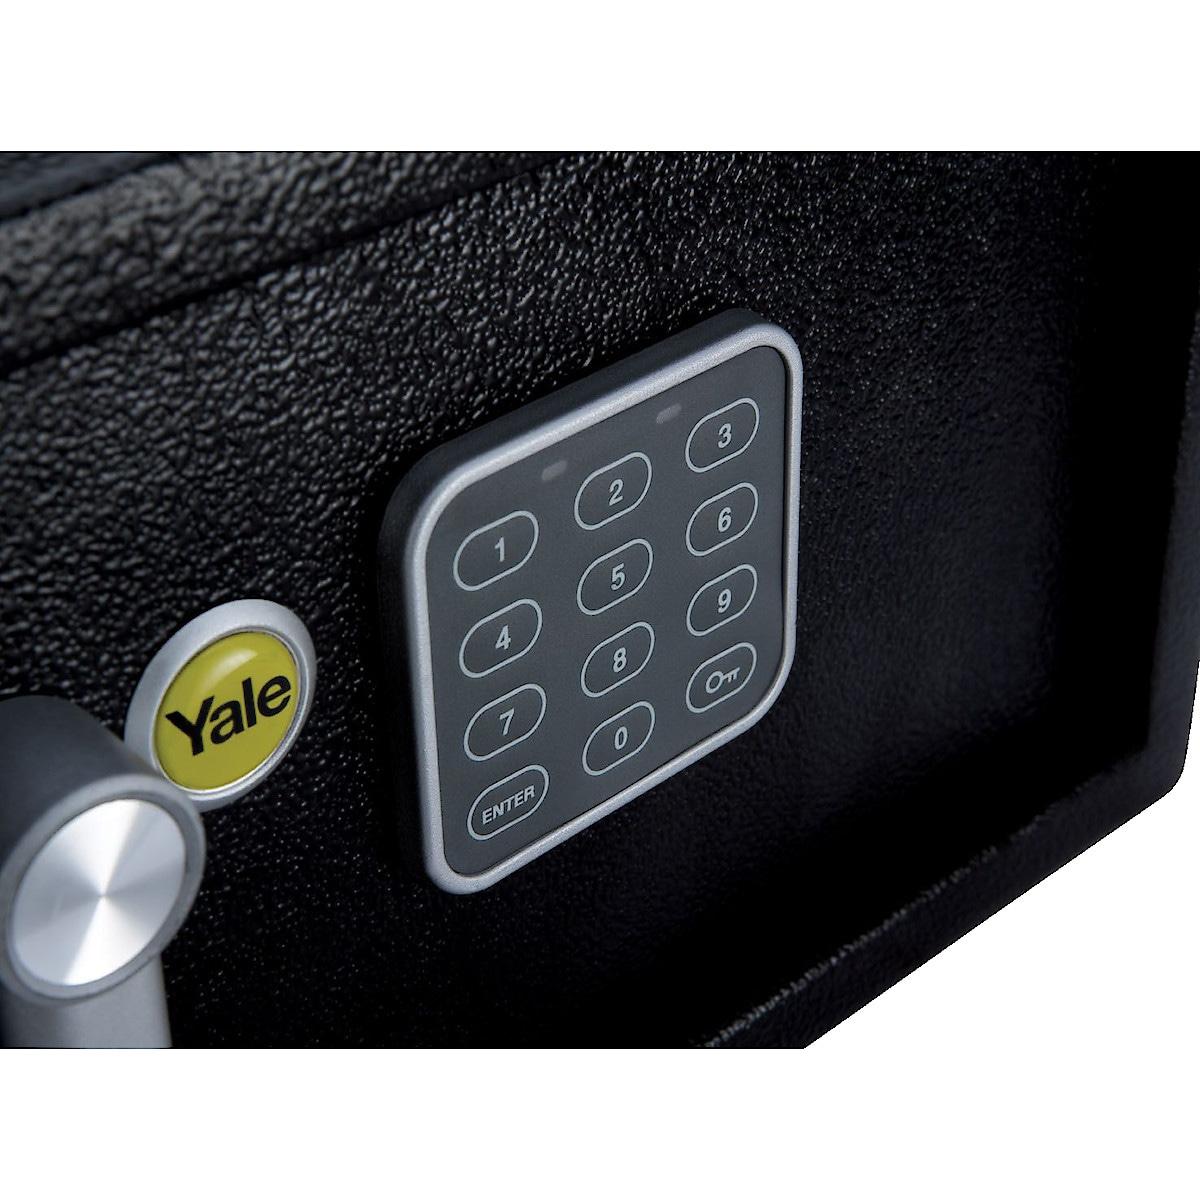 Yale Value Laptop Safe